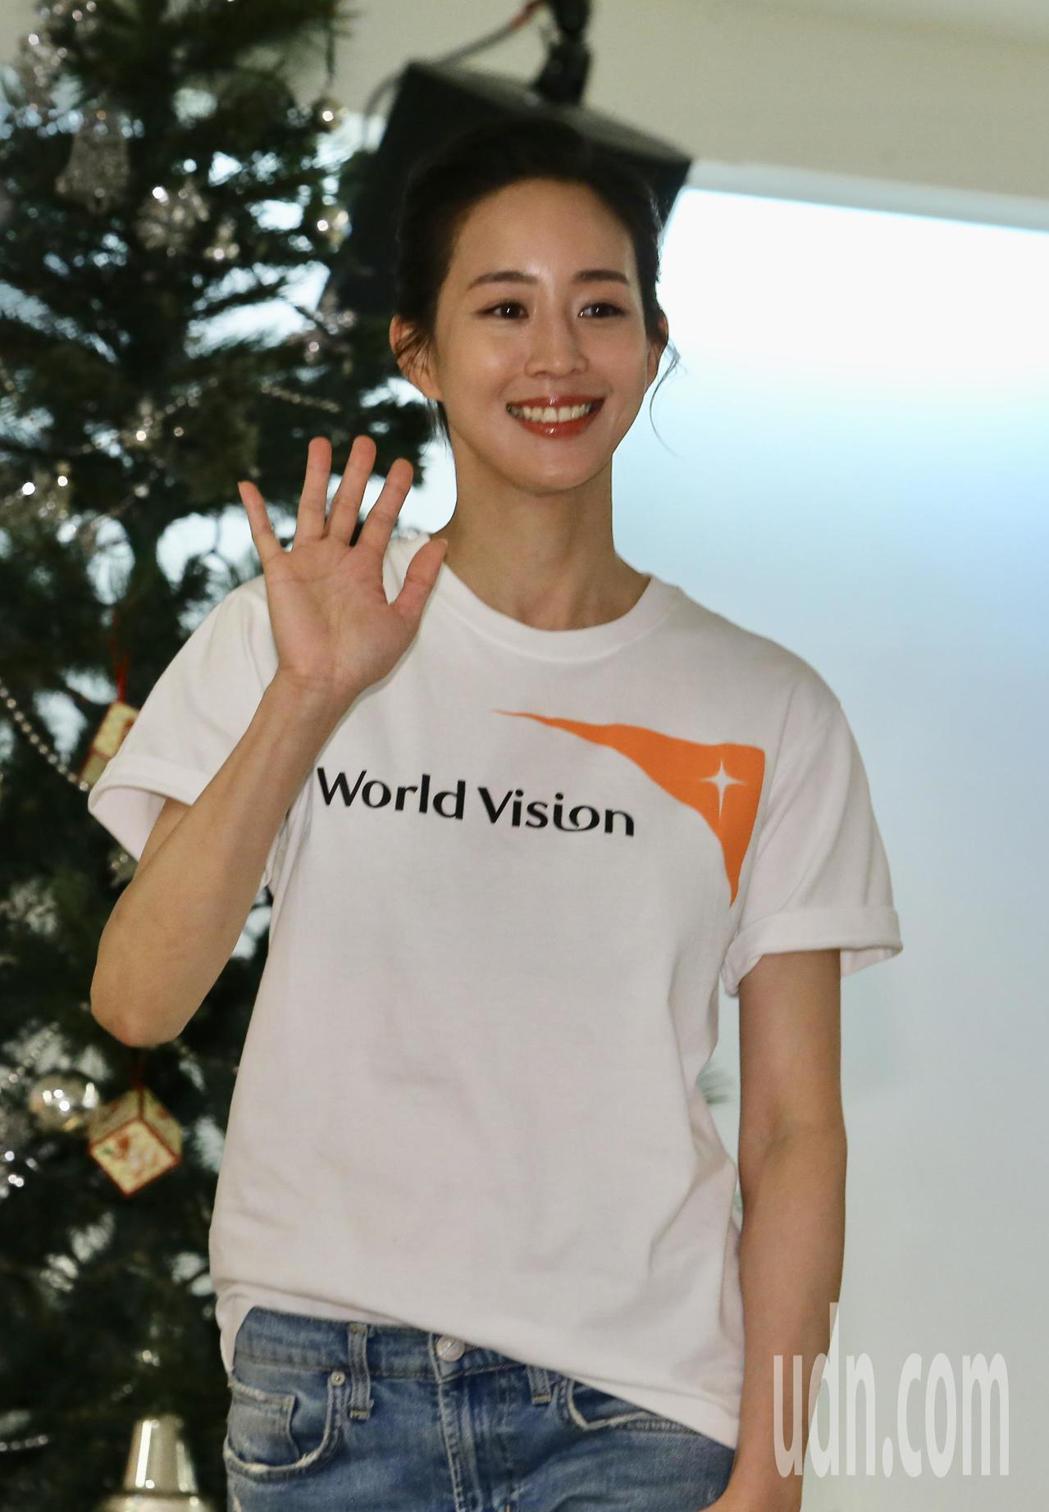 世展會資助兒童計畫代言人張鈞甯(圖)分享在尼泊爾的故事。記者許正宏/攝影